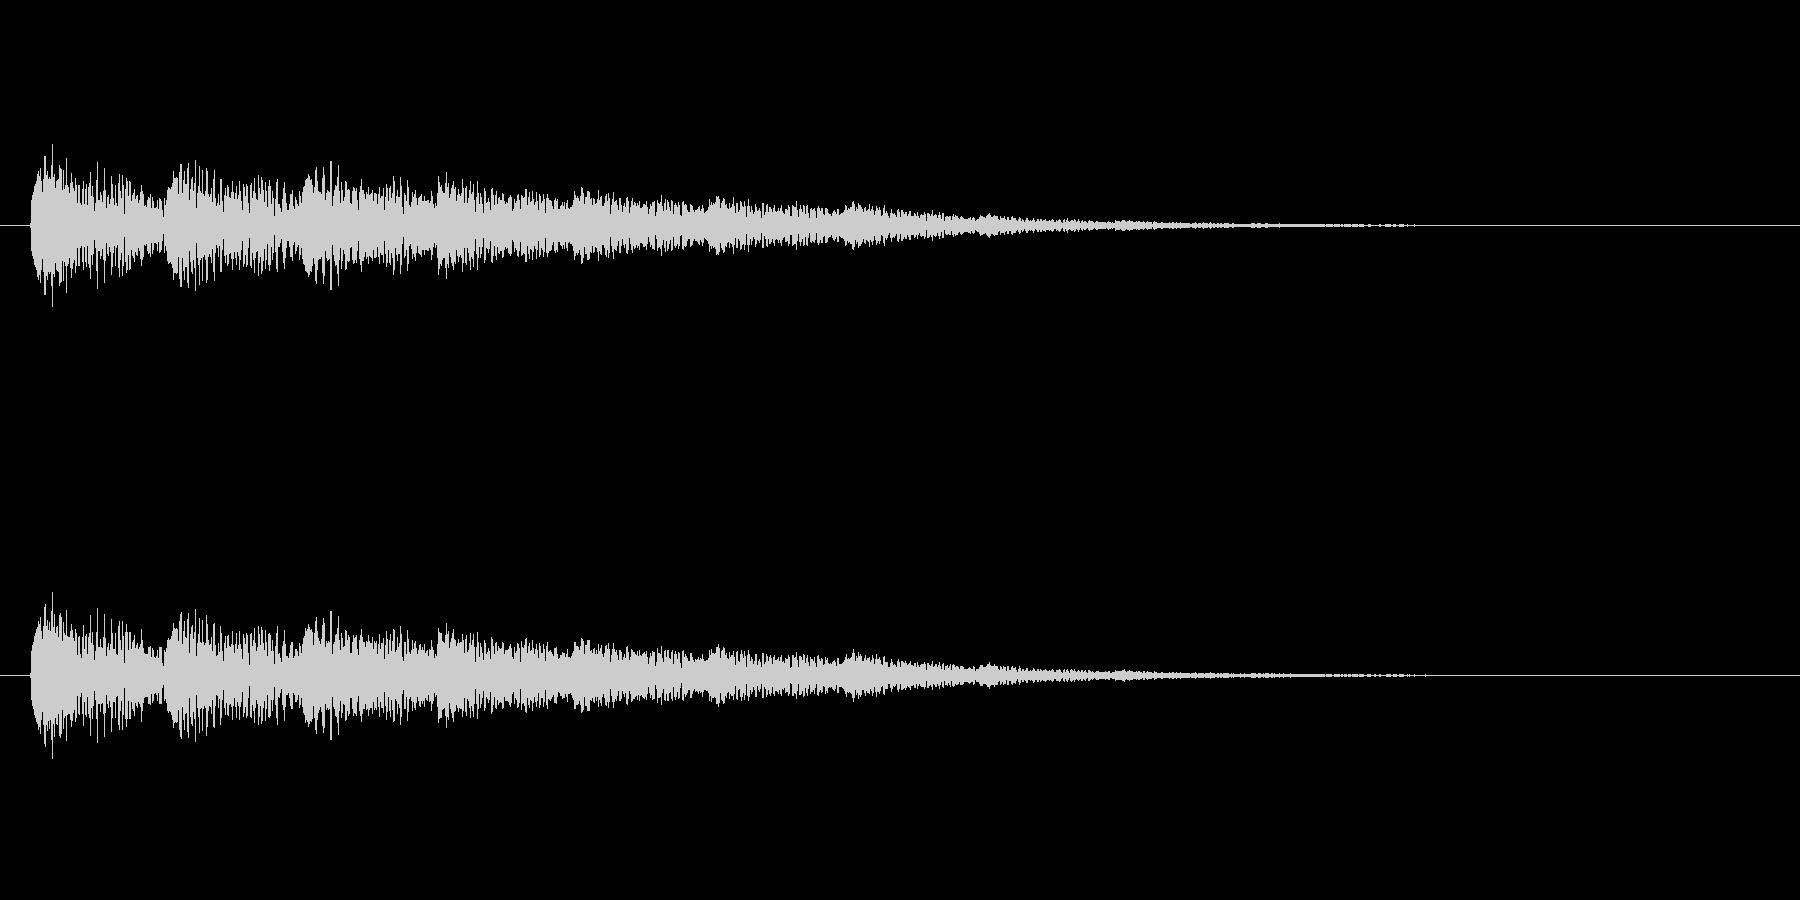 【ネガティブ09-2】の未再生の波形